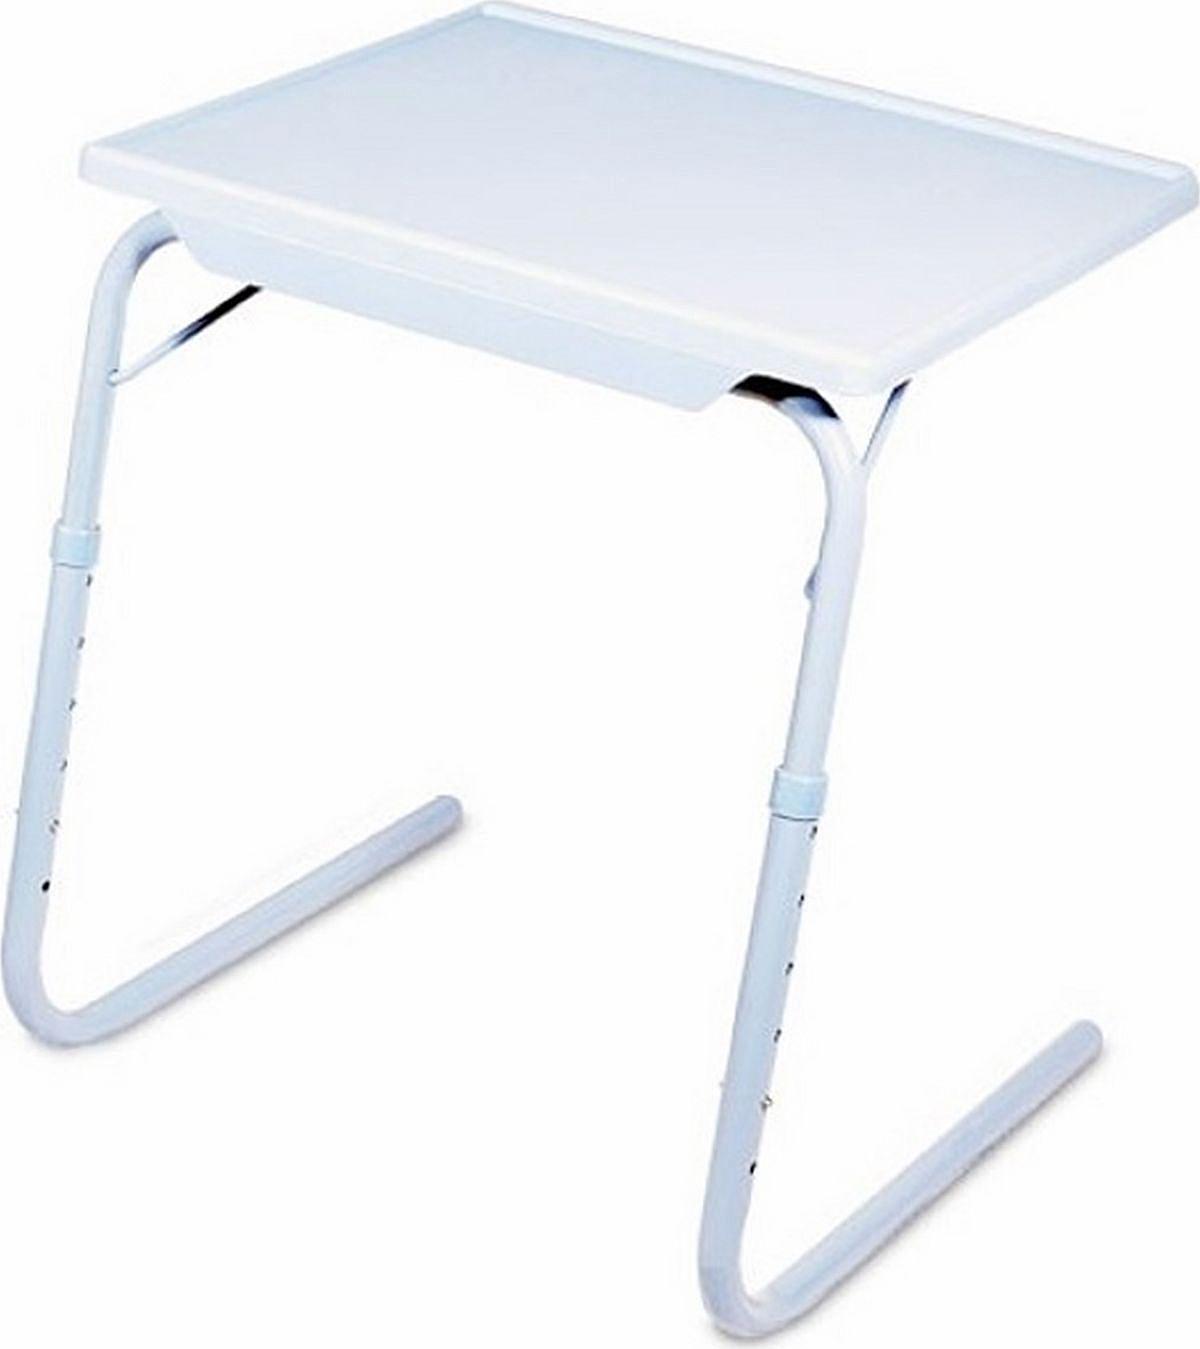 Организовать стационарное удобное место для работы или еды бывает сложно: ограниченность пространства, дети, которым сложно объяснить, что на столе ничего не нужно трогать, желание поработать на свежем воздухе или лежа в кровати. Столик раскладной «Комби» - легкая складная конструкция которая имеет шесть уровней высоты и три варианта угла наклона столешницы. Вы быстро подберете нужную для каждого случая комбинацию! Столик раскладной «Комби» позволит обустроить место работы, еды и отдыха взрослым и организовать пространство для игры и занятий детям. Столик раскладной «Комби» поможет удобно устроить гостей. «Комби» компактно складывается и занимает мало места в багажнике автомобиля – удобно брать в поездки и на пикник. Столик раскладной «КОМБИ» быстро складывается – после использования его можно спрятать под диван и освободить пространство комнаты. На столешнице «Комби» отлично размещается ноутбук и достаточно места для ужина сидя на диване, можно собирать пазлы и играть в настольные игры. Особенность столика в том что в нем крючки-кронштейны металлические, что позволяет выдерживать вес до 17 кг. Размер столешницы: 53х40 см Высота от пола, 6-уровневая: 52,5; 56; 59,5; 63; 66,5; 70 см Угол наклона, 3-позиционный: 0, 22, 45 градусов Вес: 2,1 кг. Инструкция на русском языке.